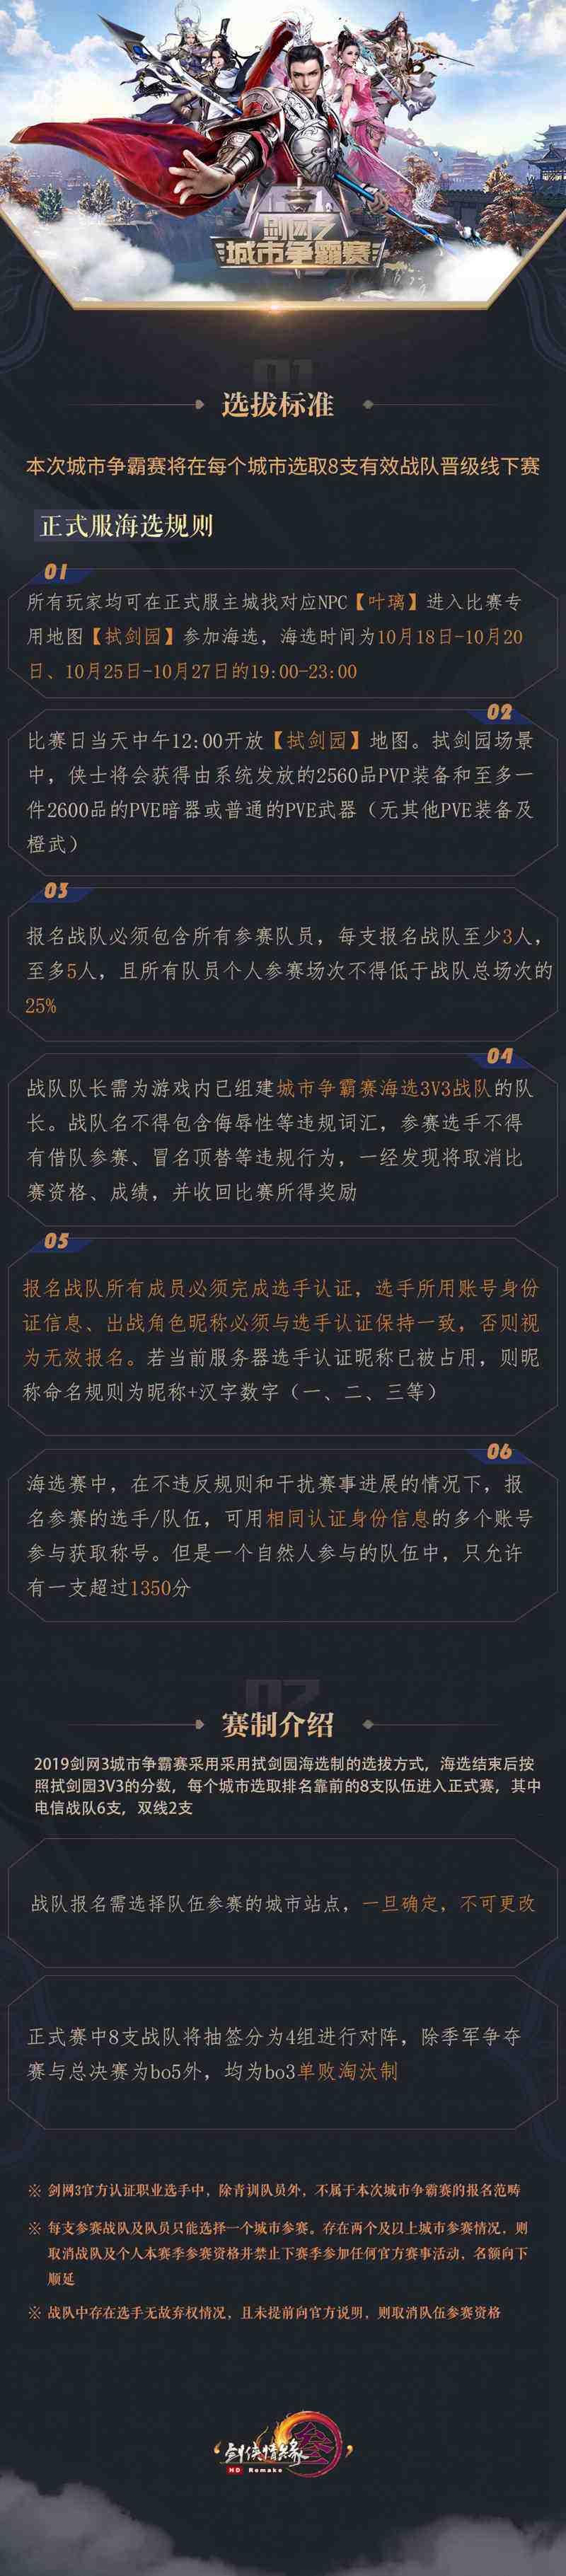 【《剑网3》秋日校园行刷新 首届城市争霸赛开战】